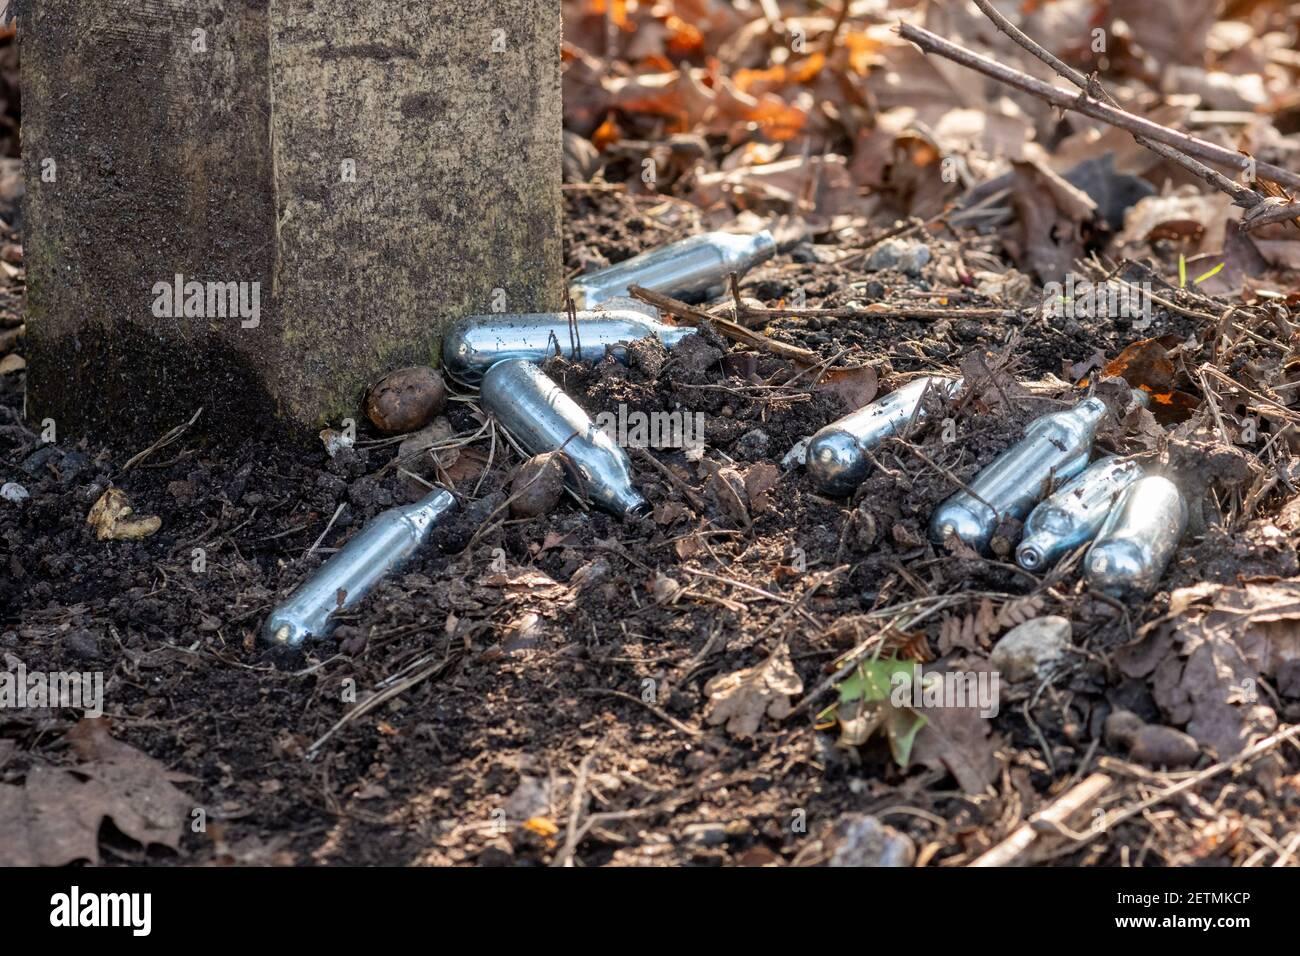 Bidons d'oxyde nitreux brillants (gaz riant) rejeté dans la campagne par des jeunes irresponsables Banque D'Images